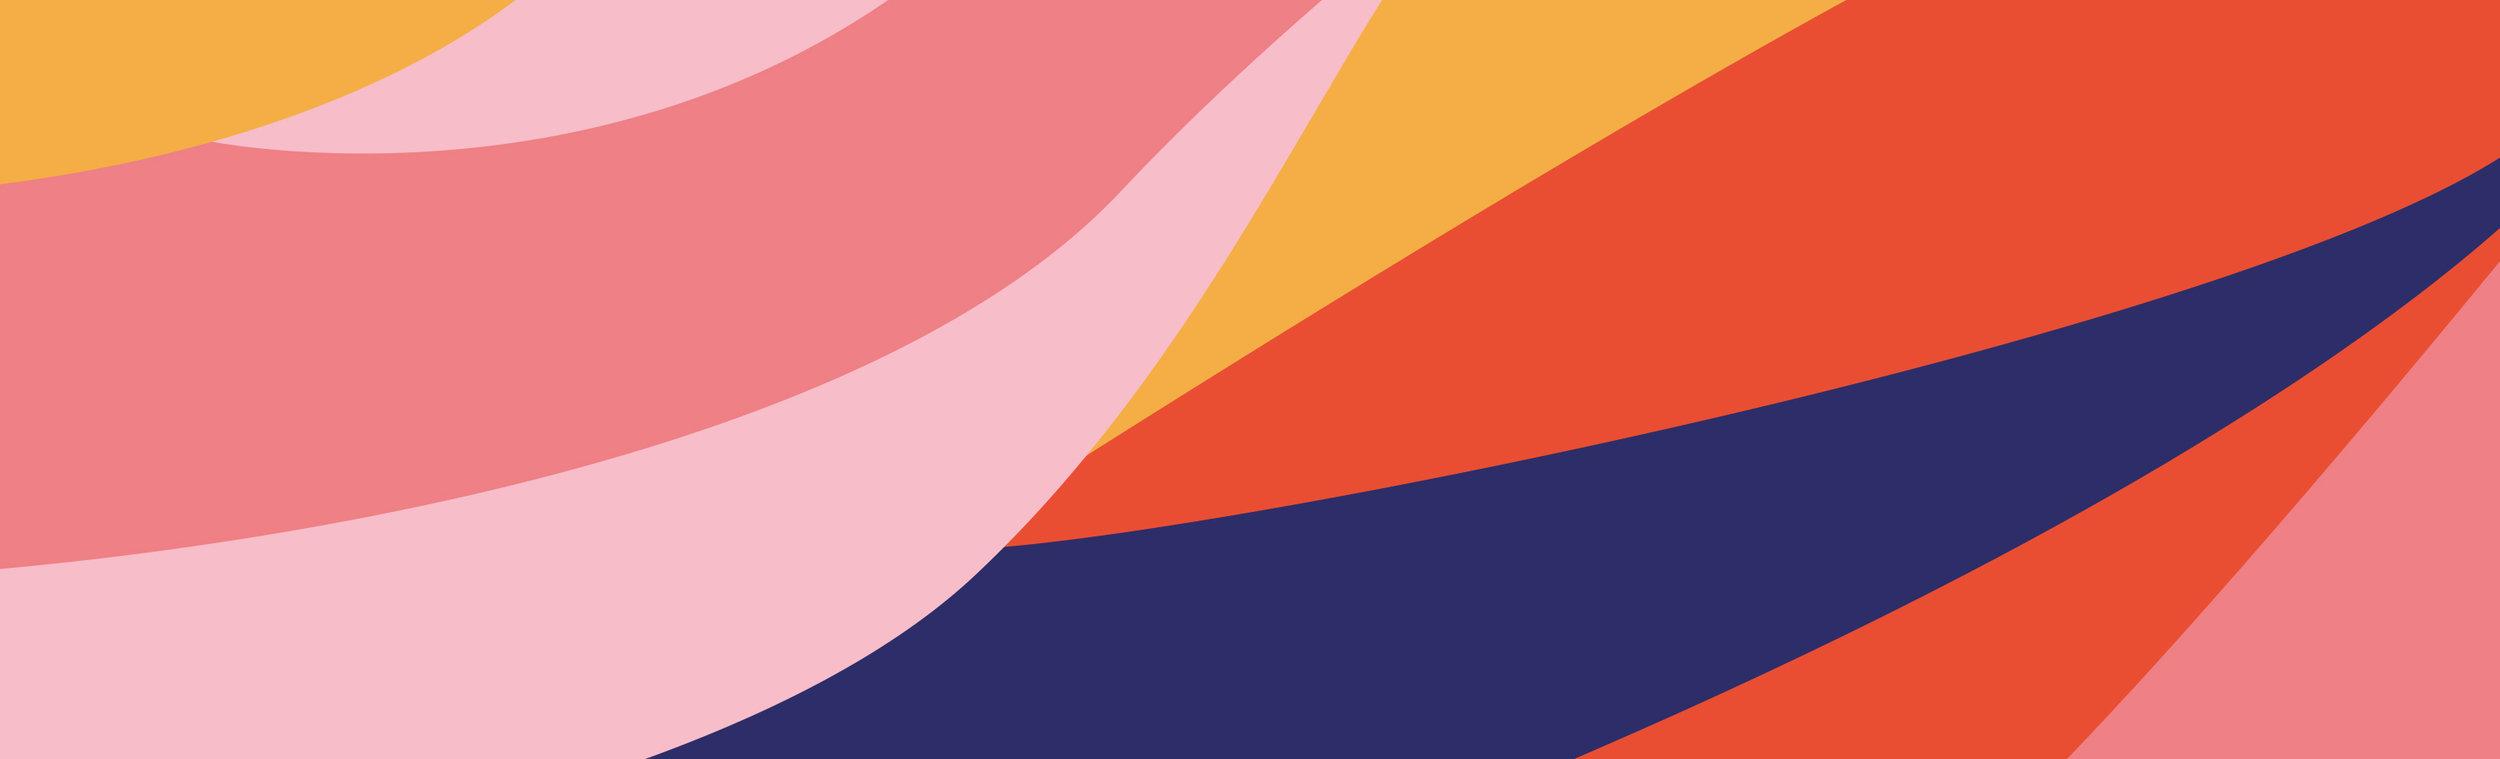 CaroleChevalier_DesignByHumans_Pattern.jpg